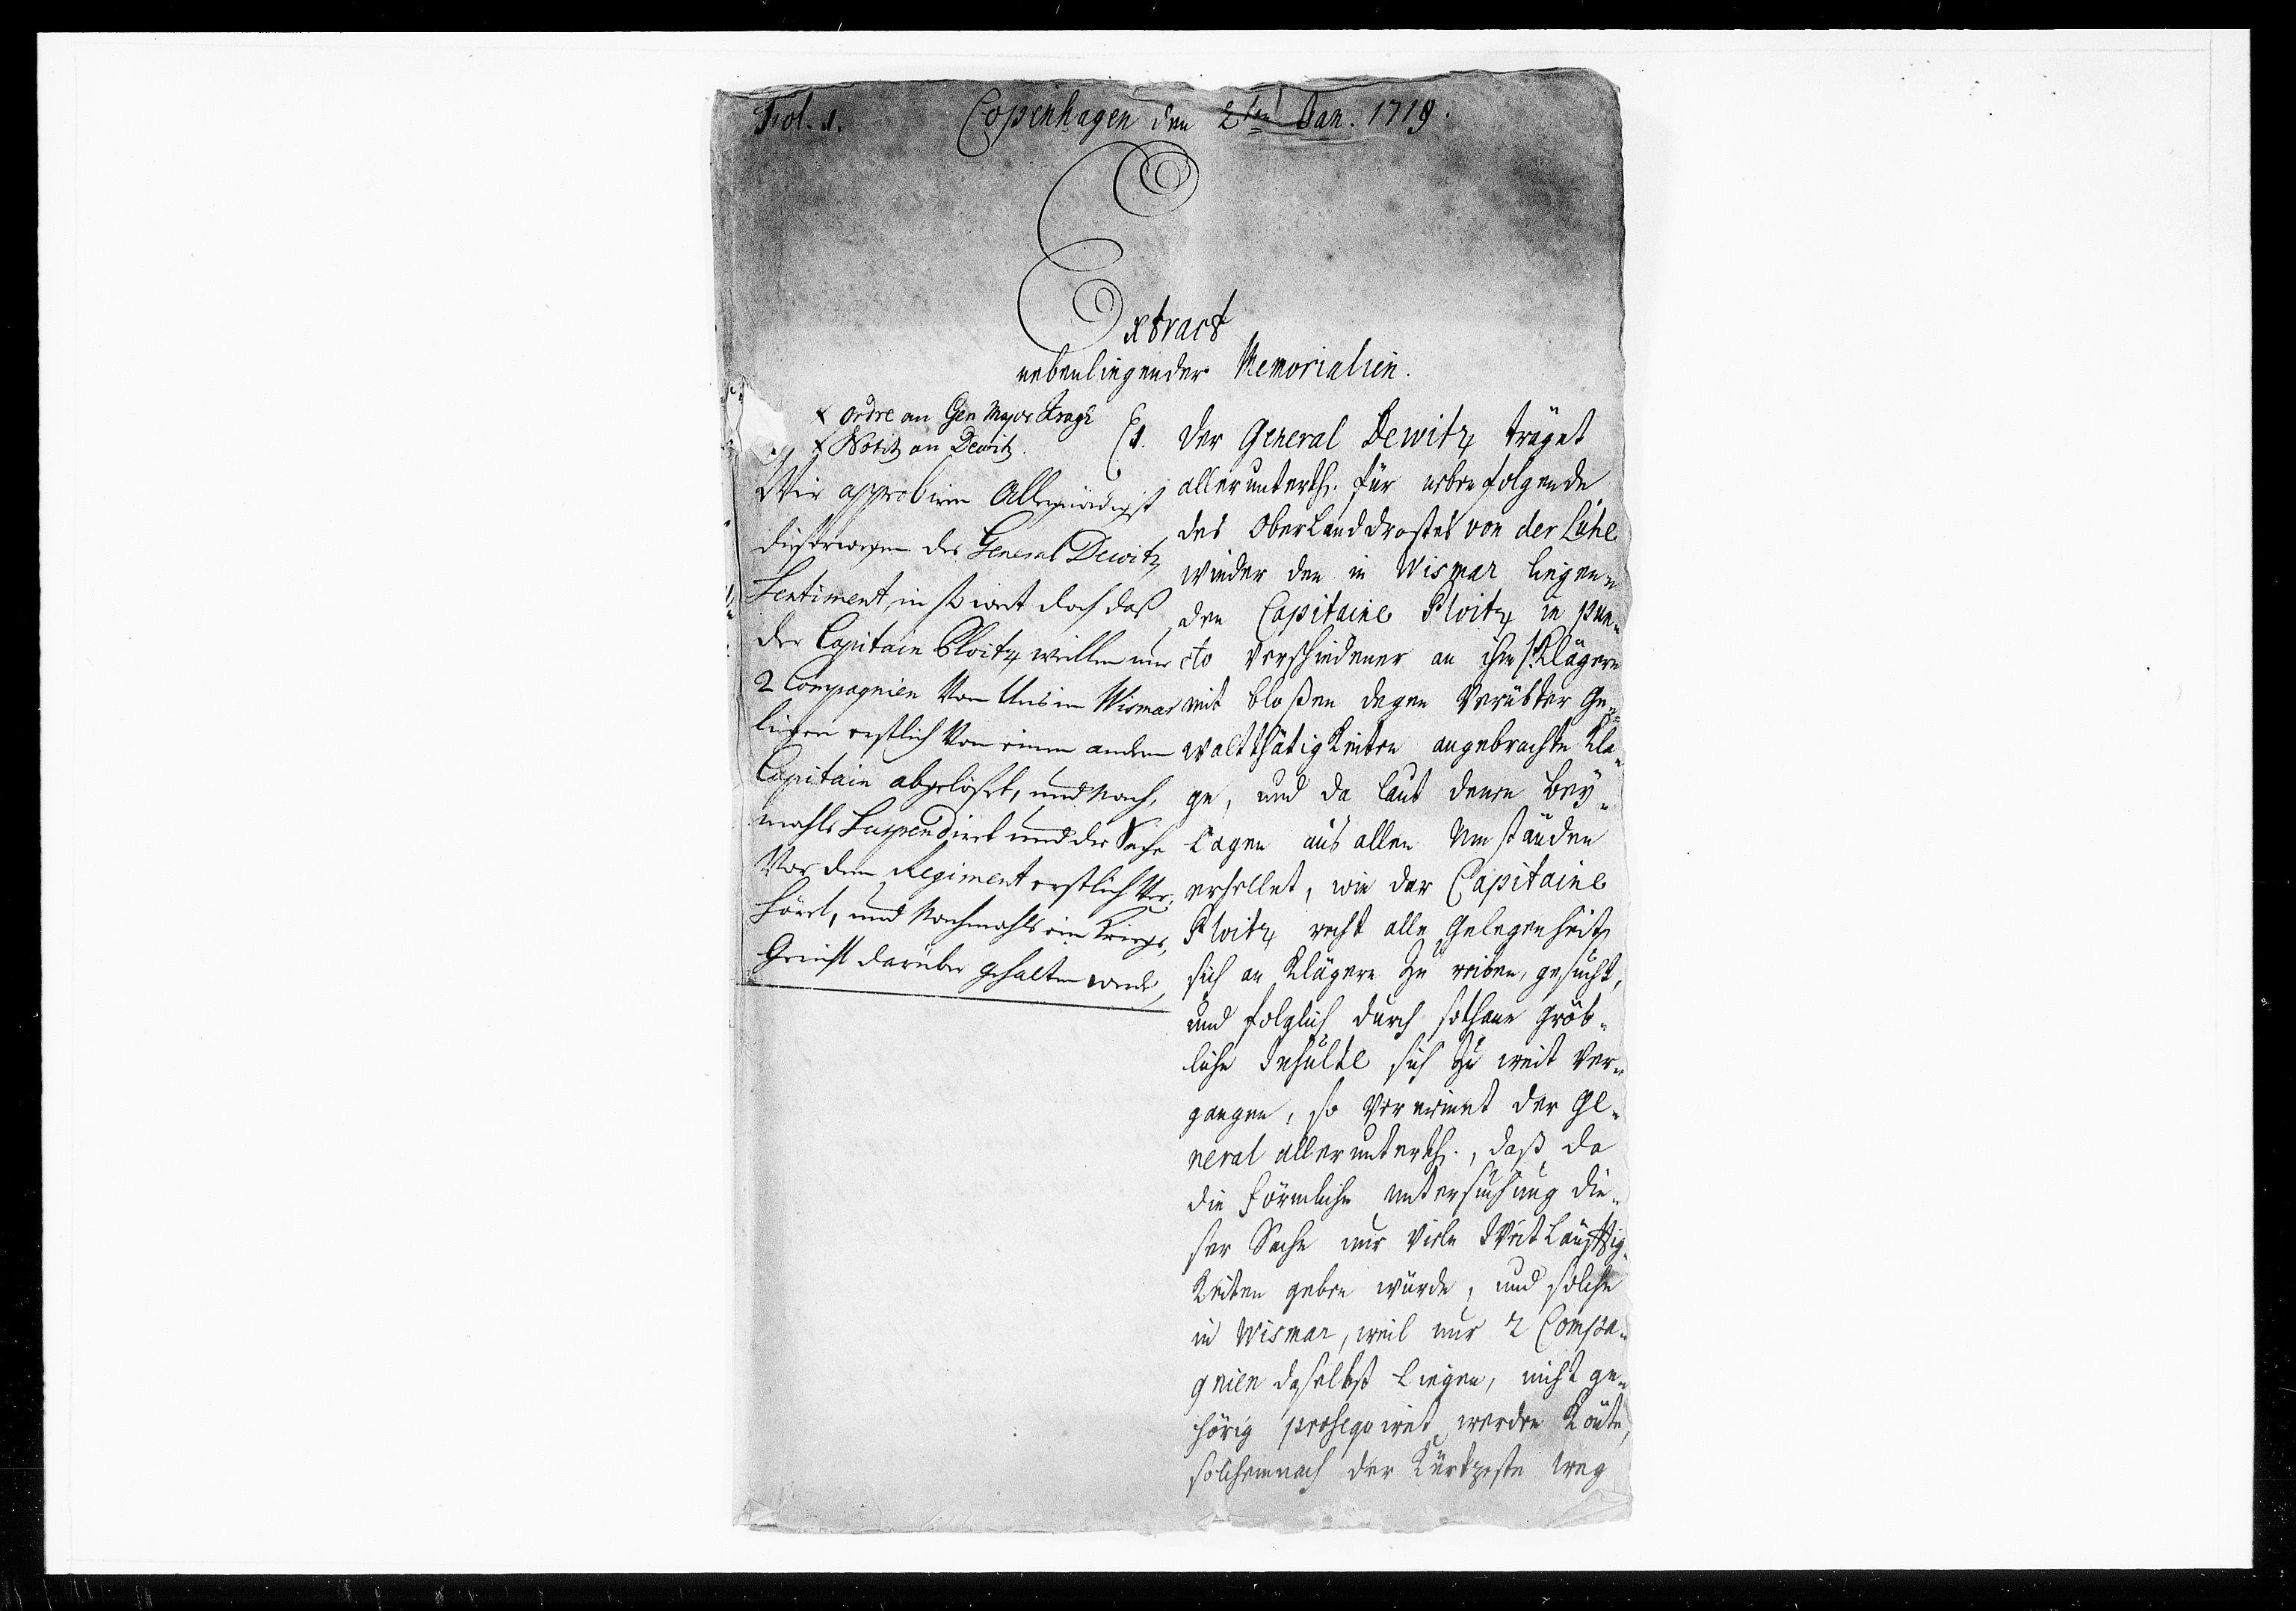 DRA, Krigskollegiet, Krigskancelliet, -/1052-1056: Refererede sager, 1719, s. 2